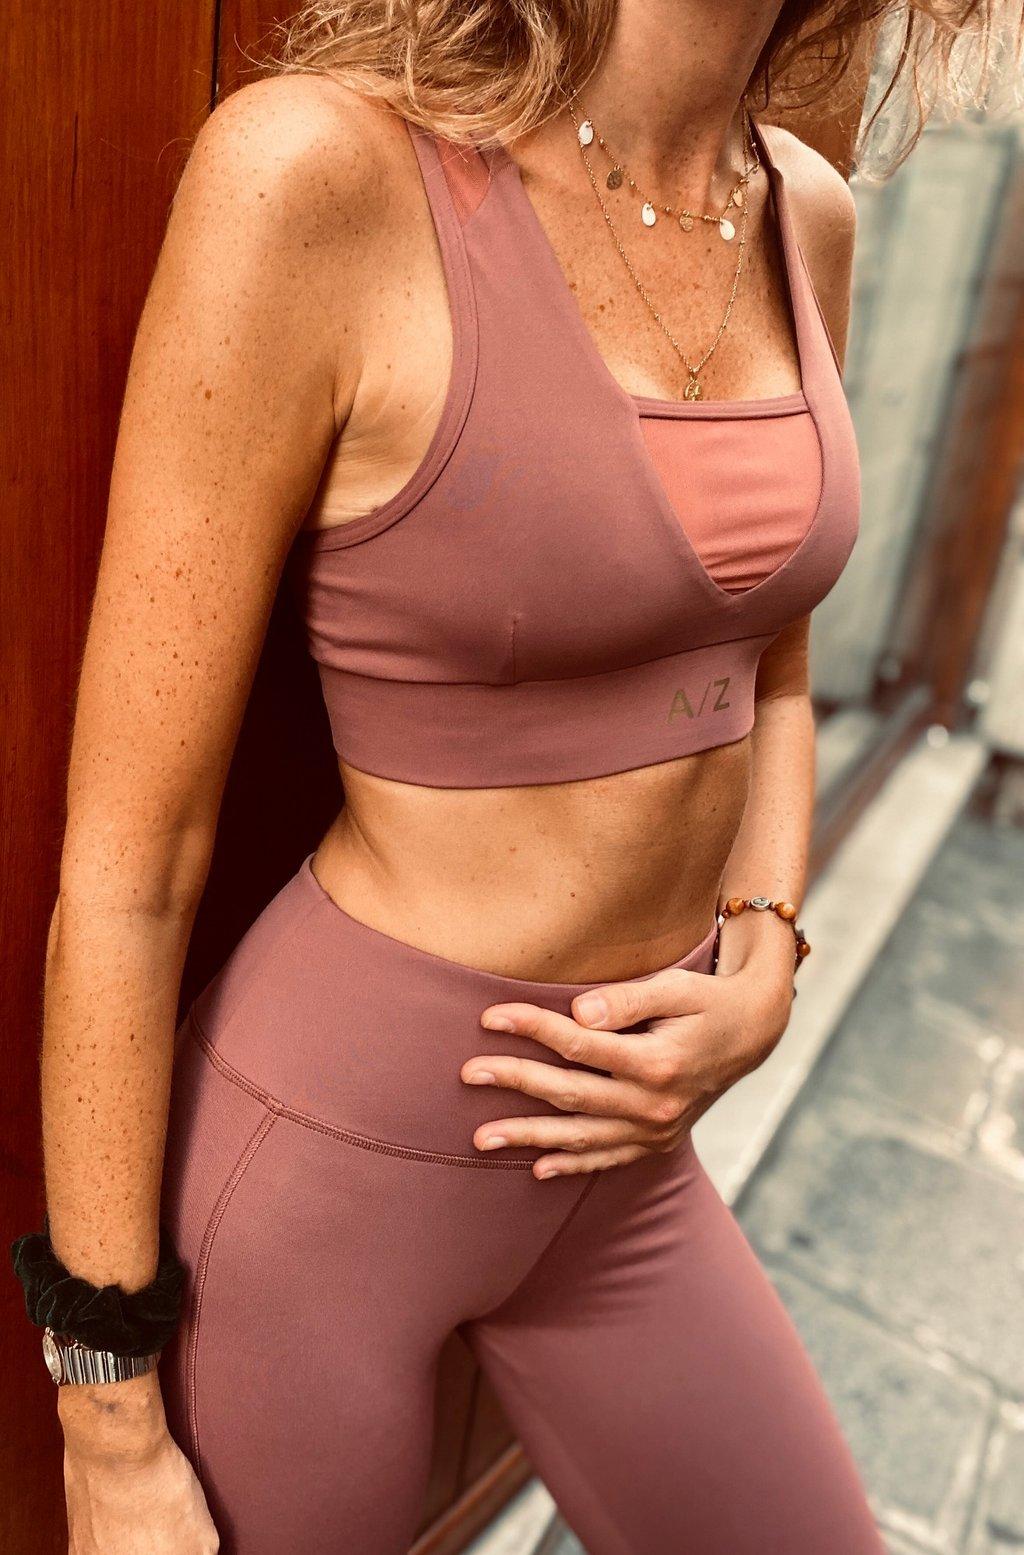 Image femme adossée sur un mur, on voit son corps du début de la poitrine jusqu'aux cuisses. Elle porte une brassière de la marque AZ/AR couleur Terracotta